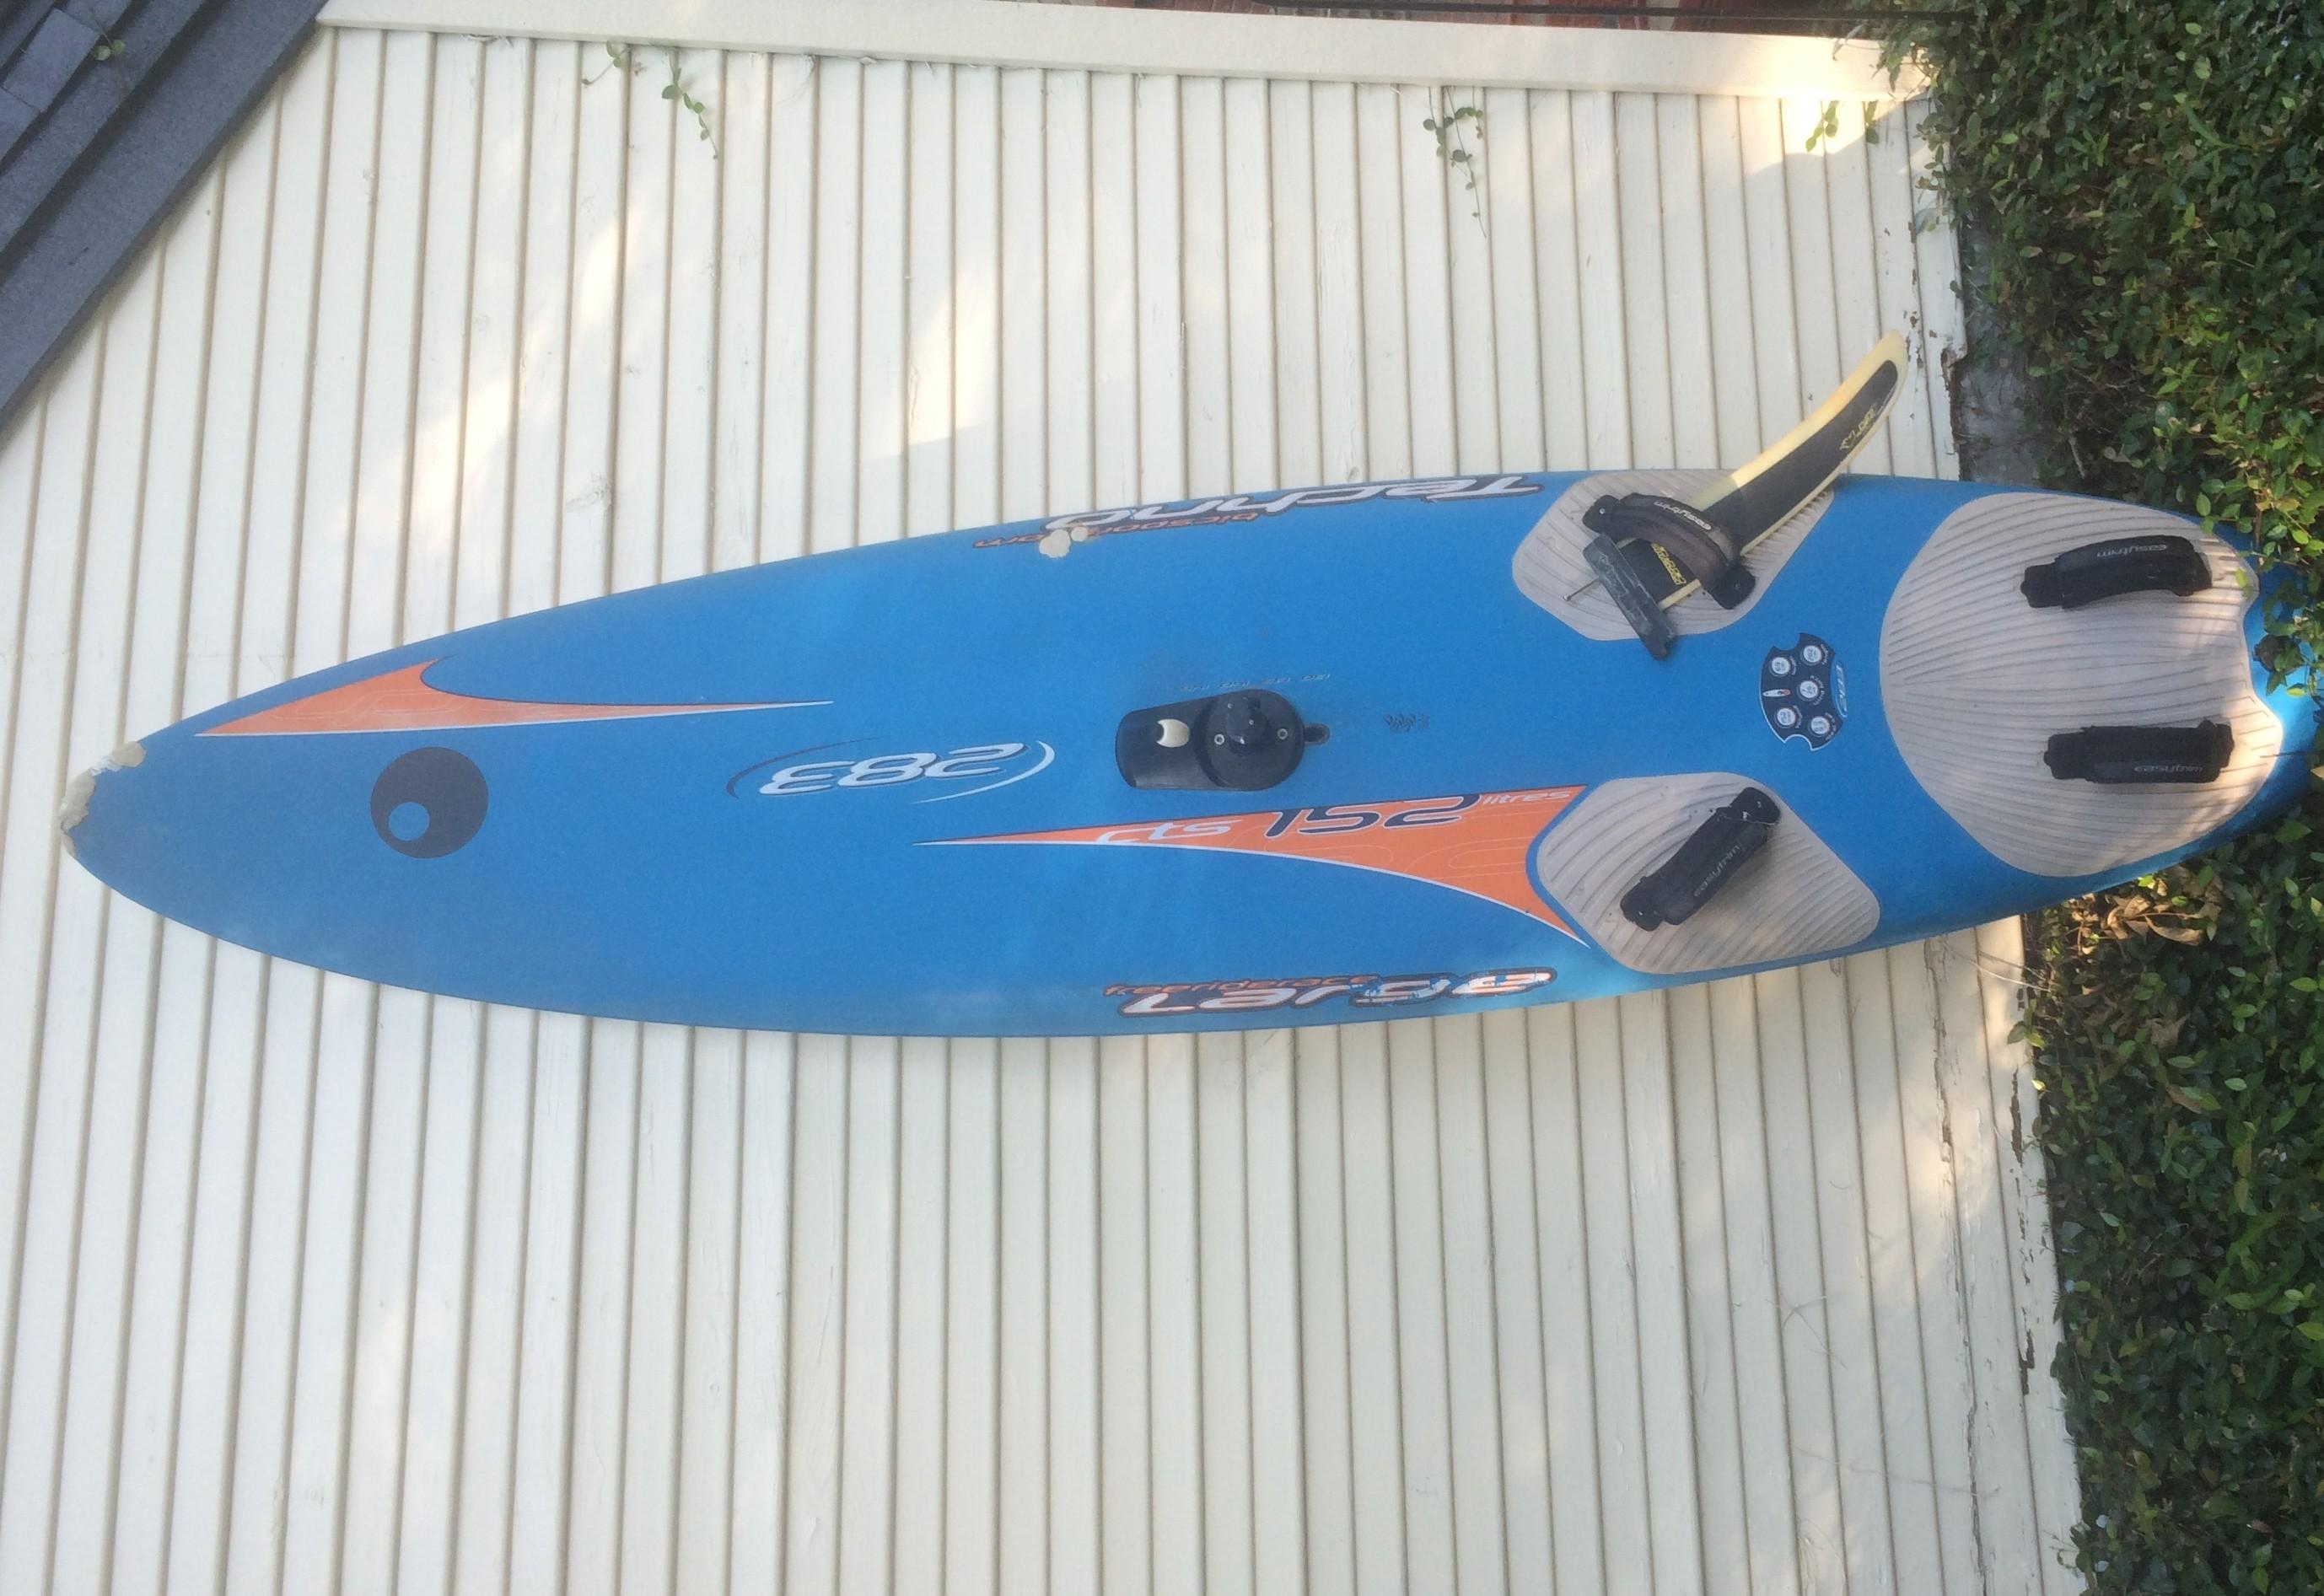 Bic 283 Winsurfing Board